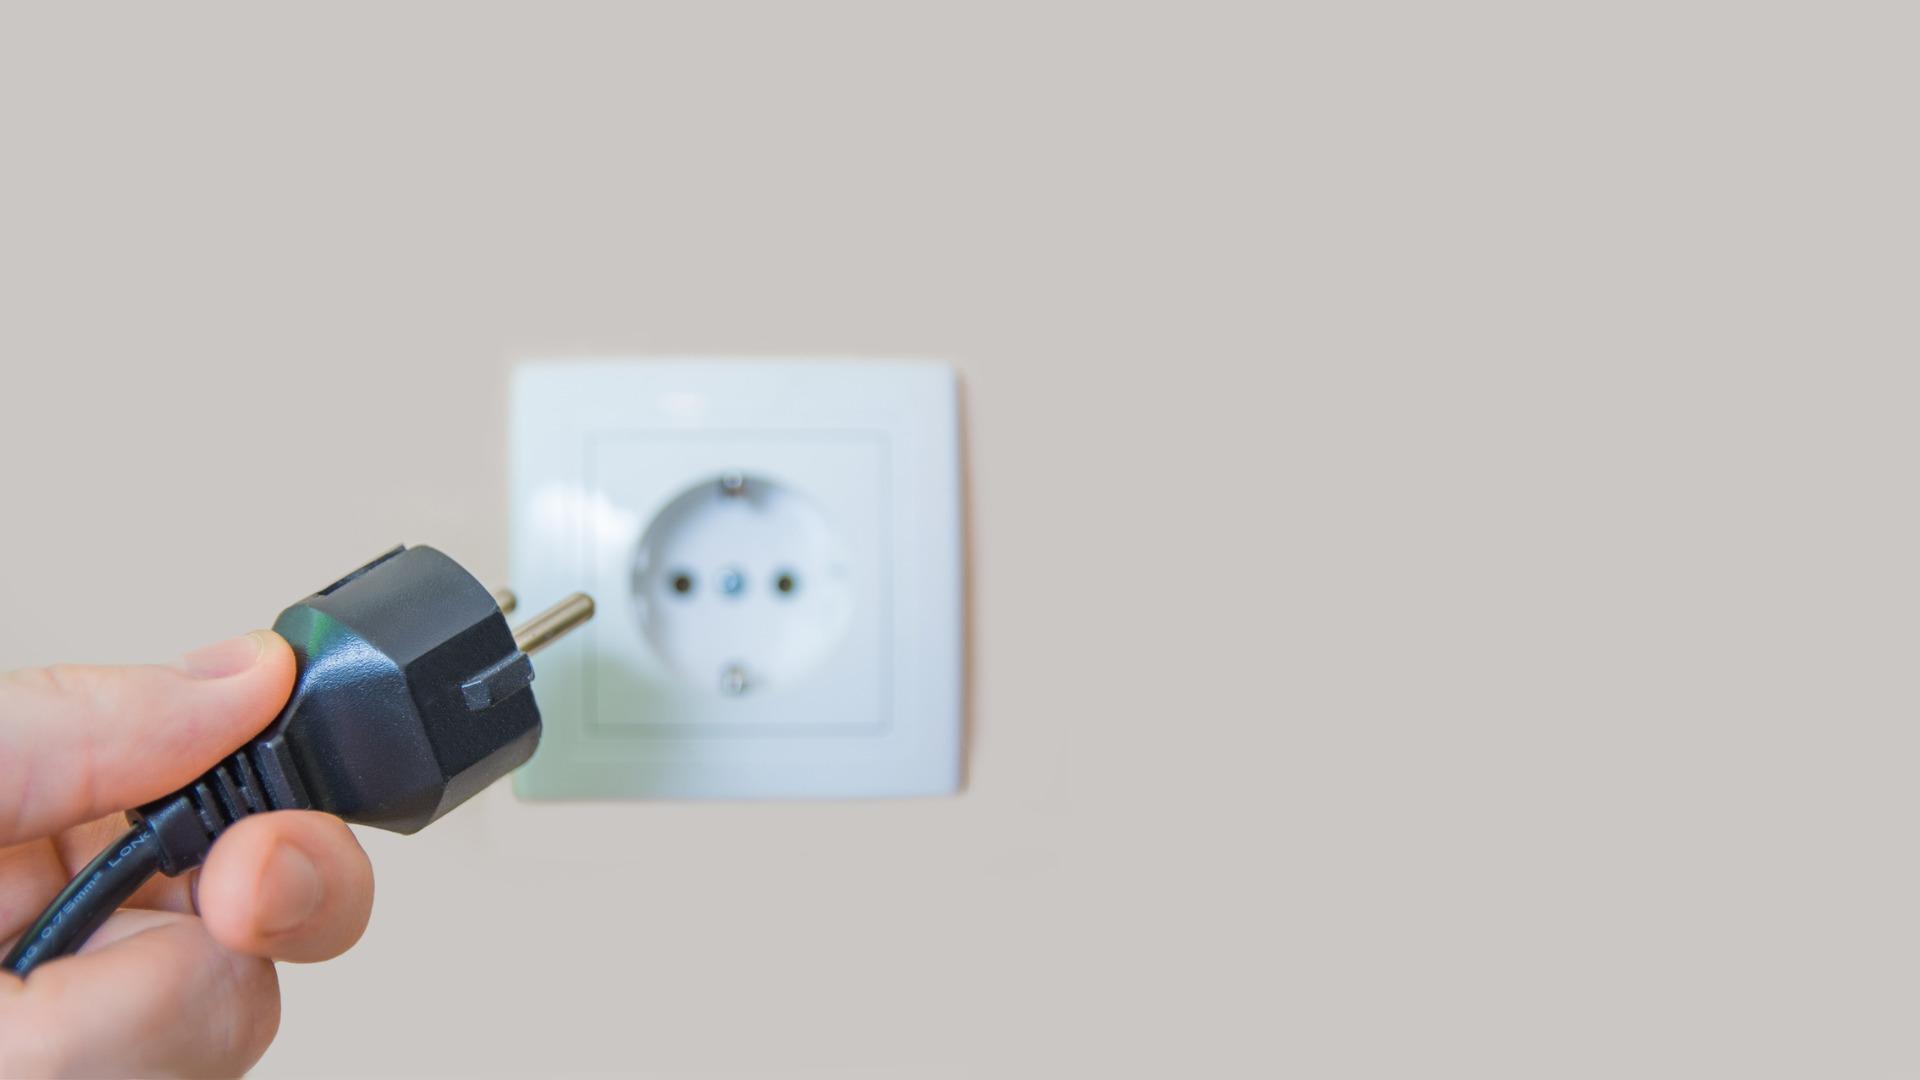 Installation, remplacement et déplacement de prise électrique